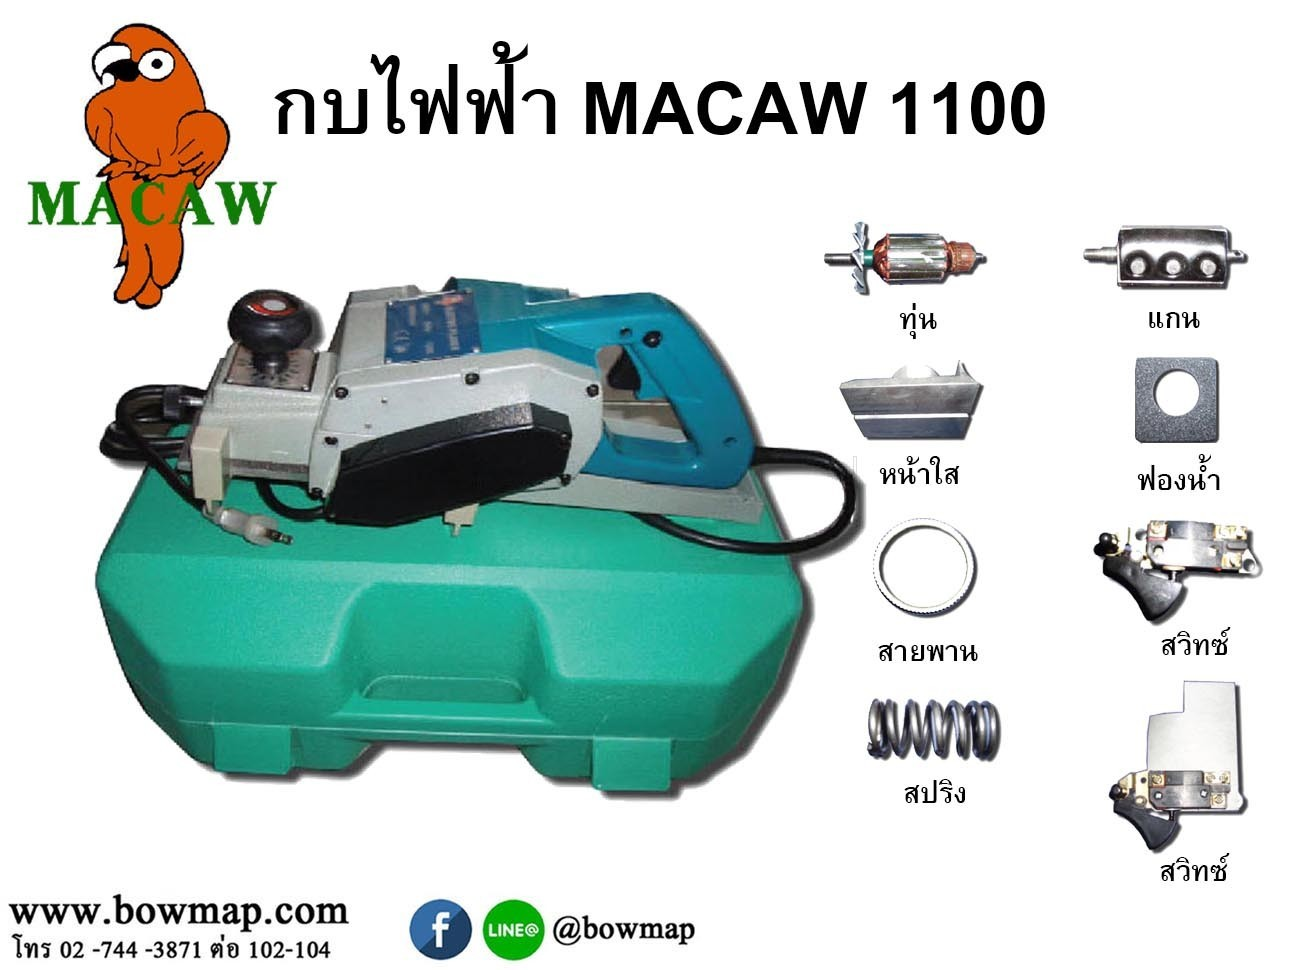 กบไฟฟ้า MACAW,เครื่องขัดสายพาน MACAW